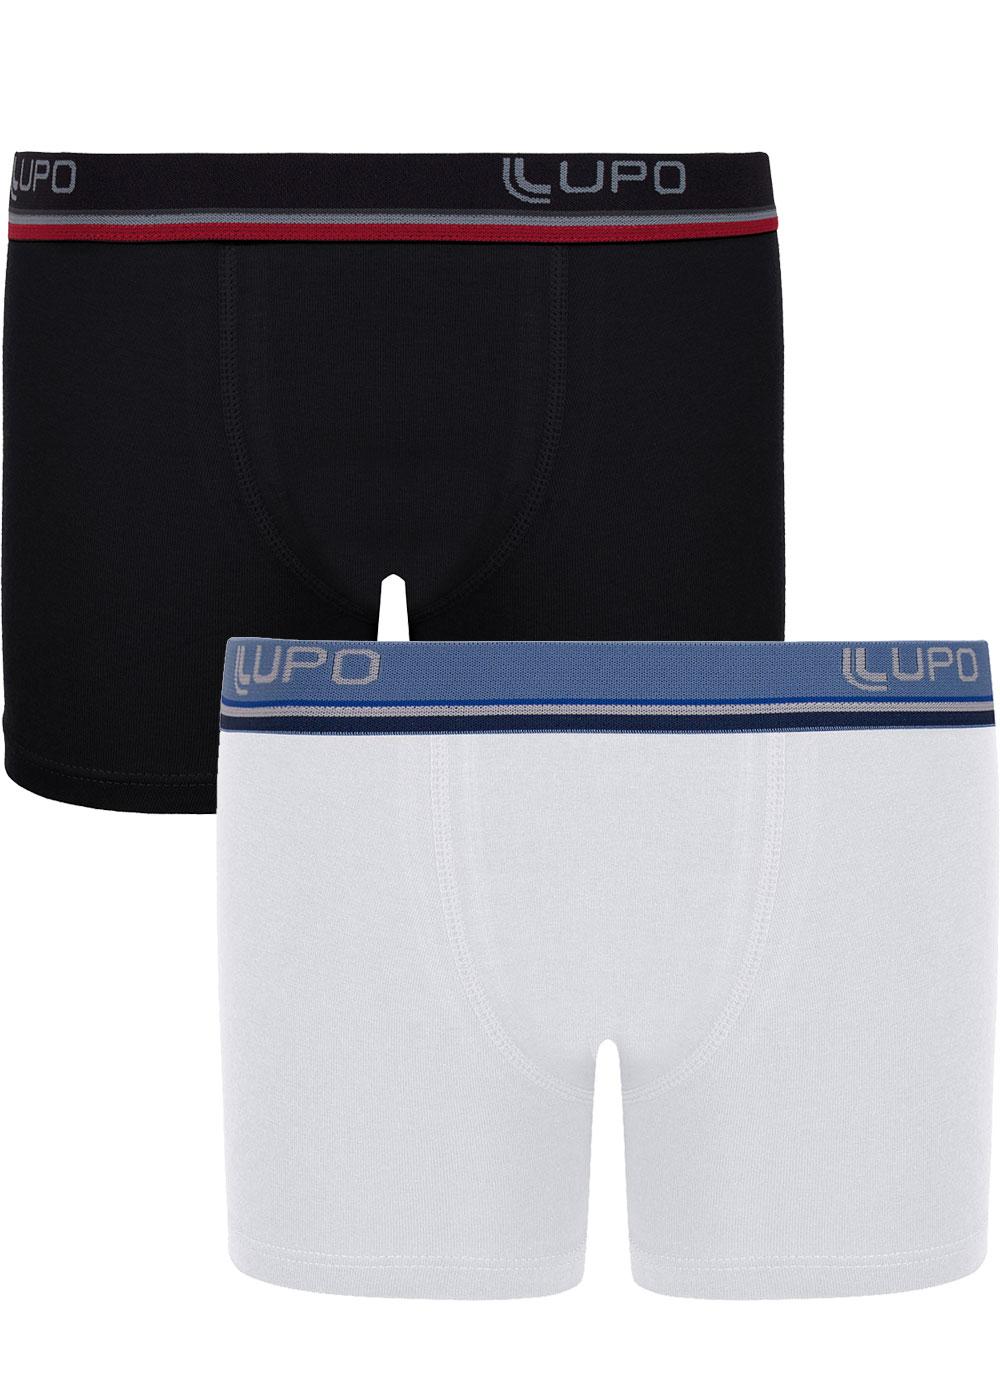 Cueca Infantil Boxer Kit com 2 cuecas Branca e Preta - Lupo